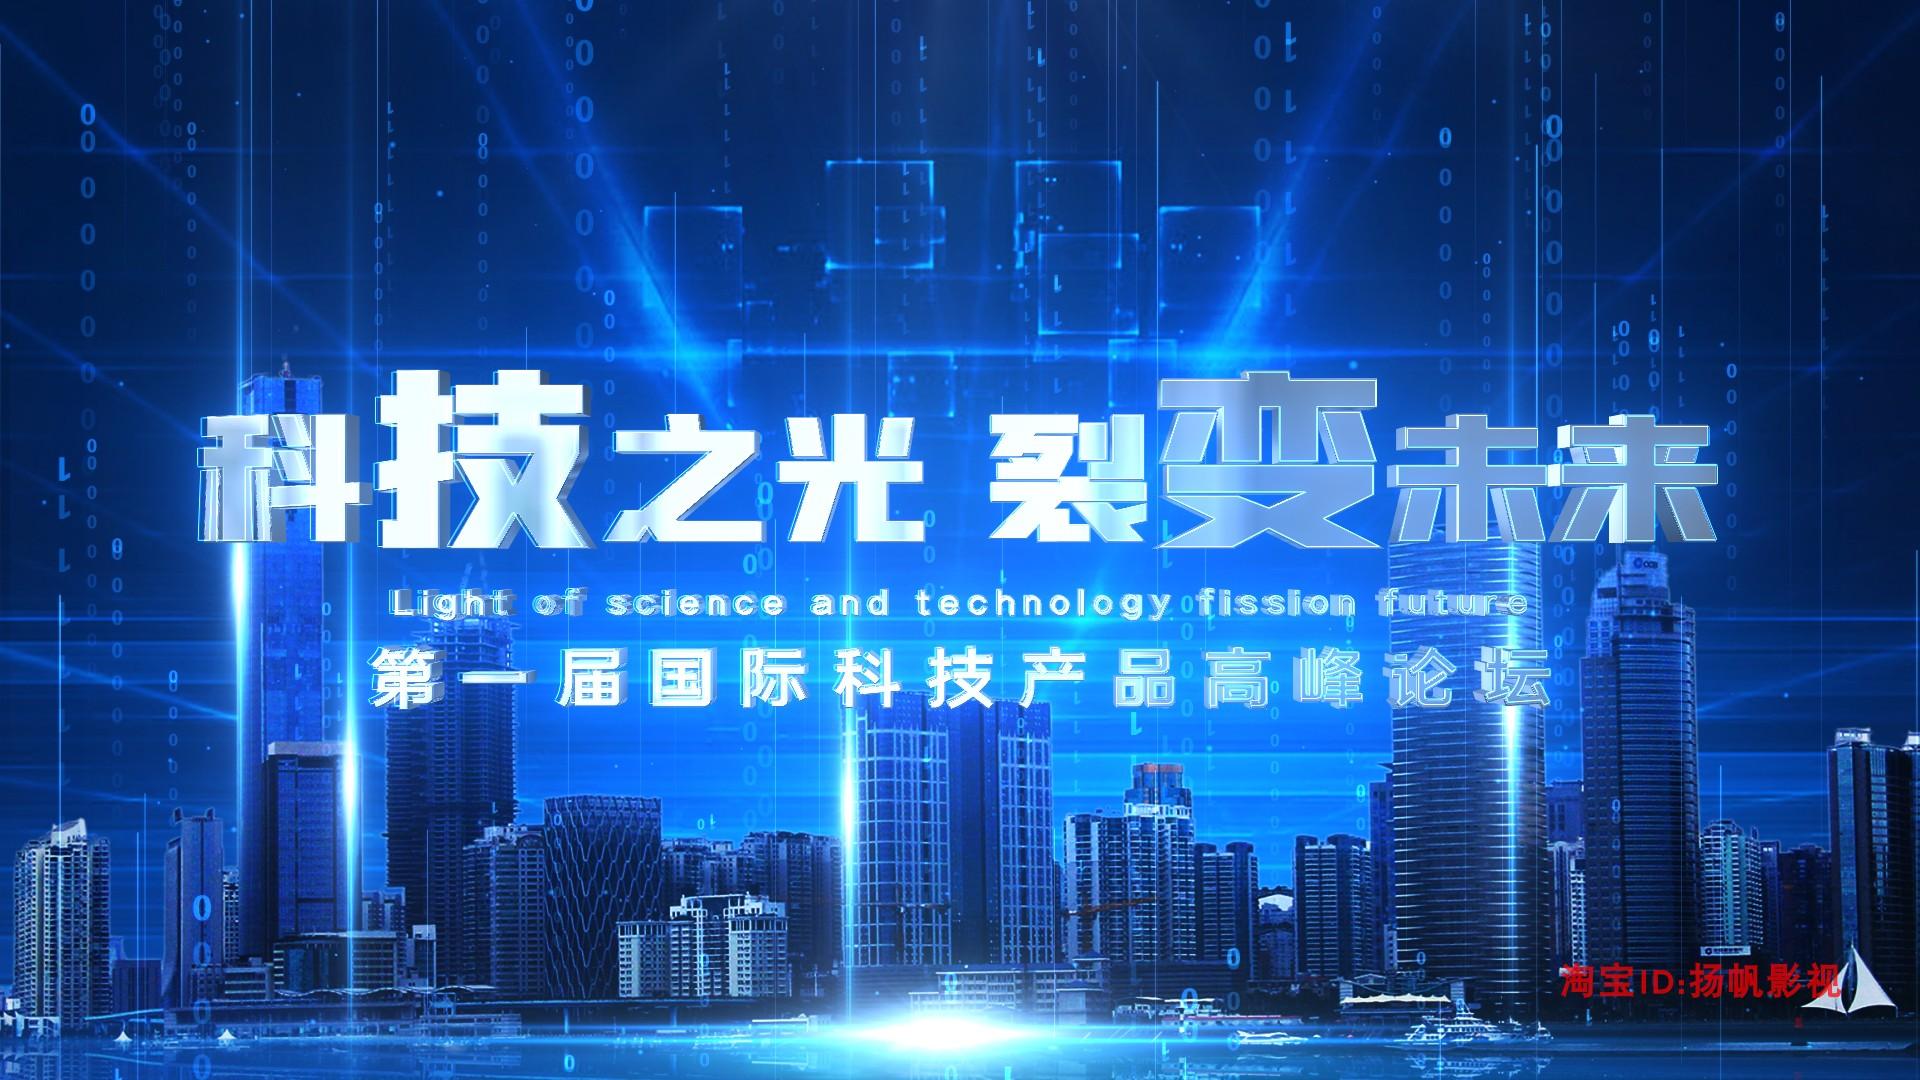 科技感企业宣传片蓝色光线穿梭活动会议发布会开场ae片头模板99